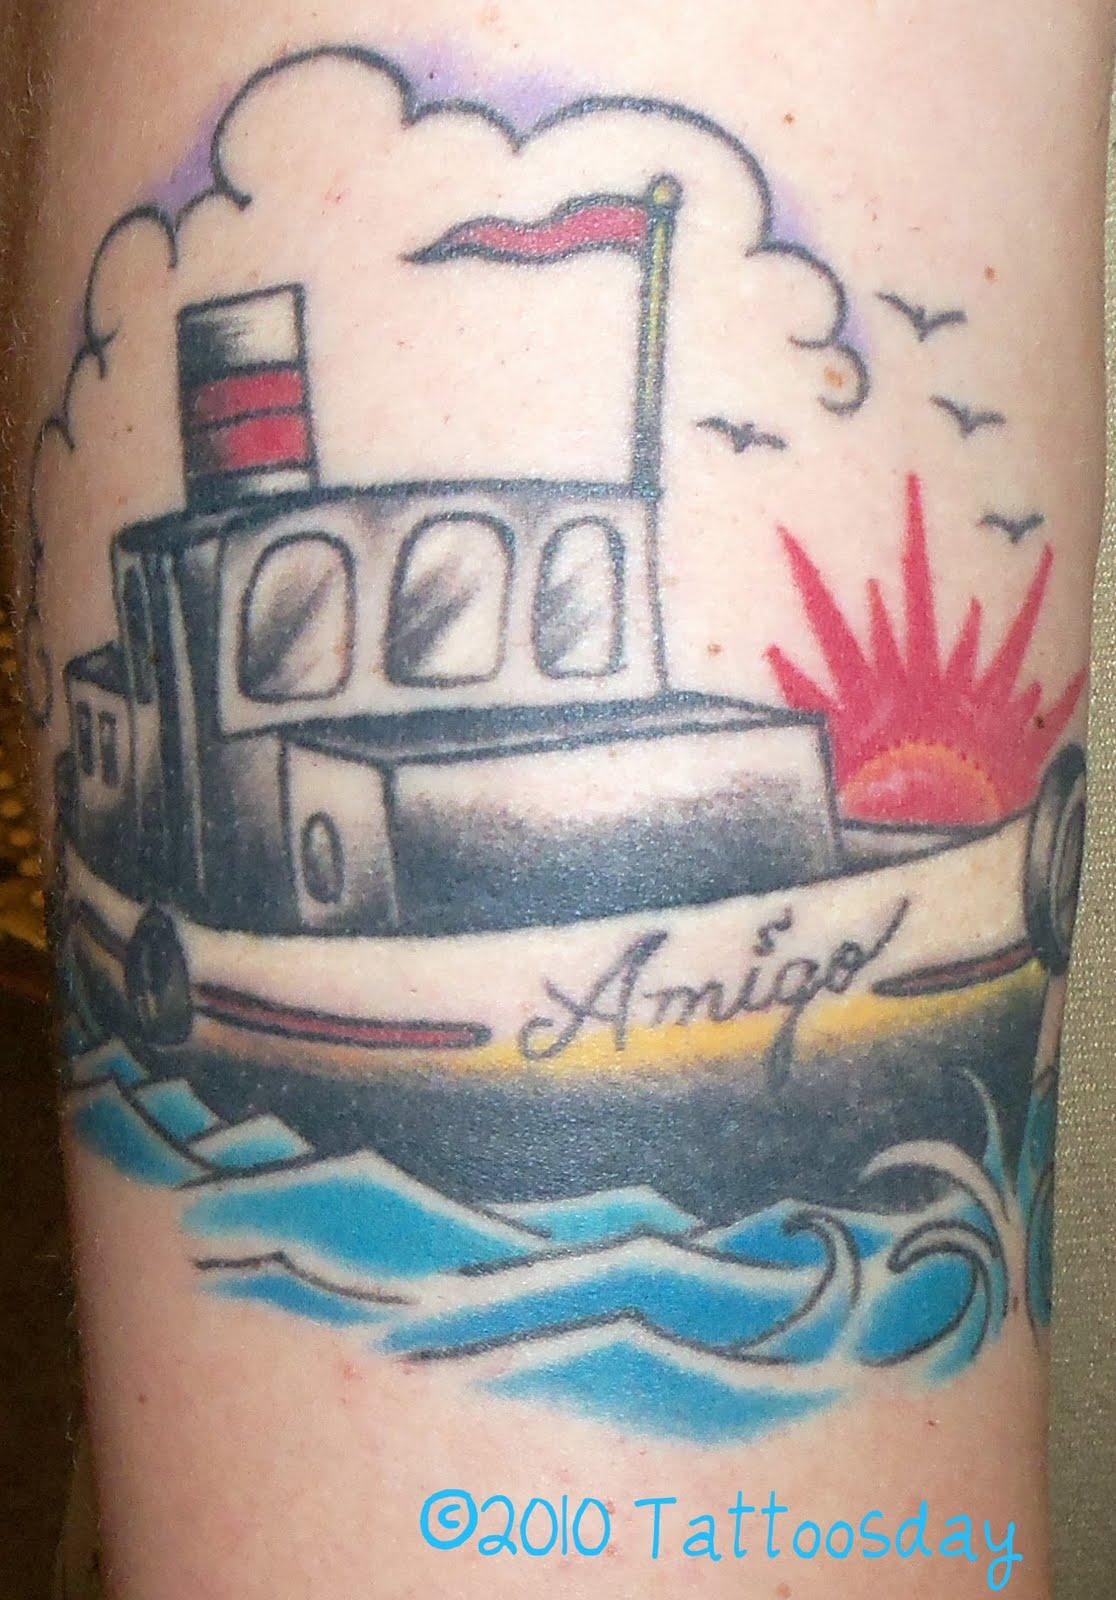 http://4.bp.blogspot.com/_ZMdFwon2pfg/TJYQI4BEE7I/AAAAAAAAK78/PEX9t_JXlRM/s1600/Tugboat%2Bwm.jpg